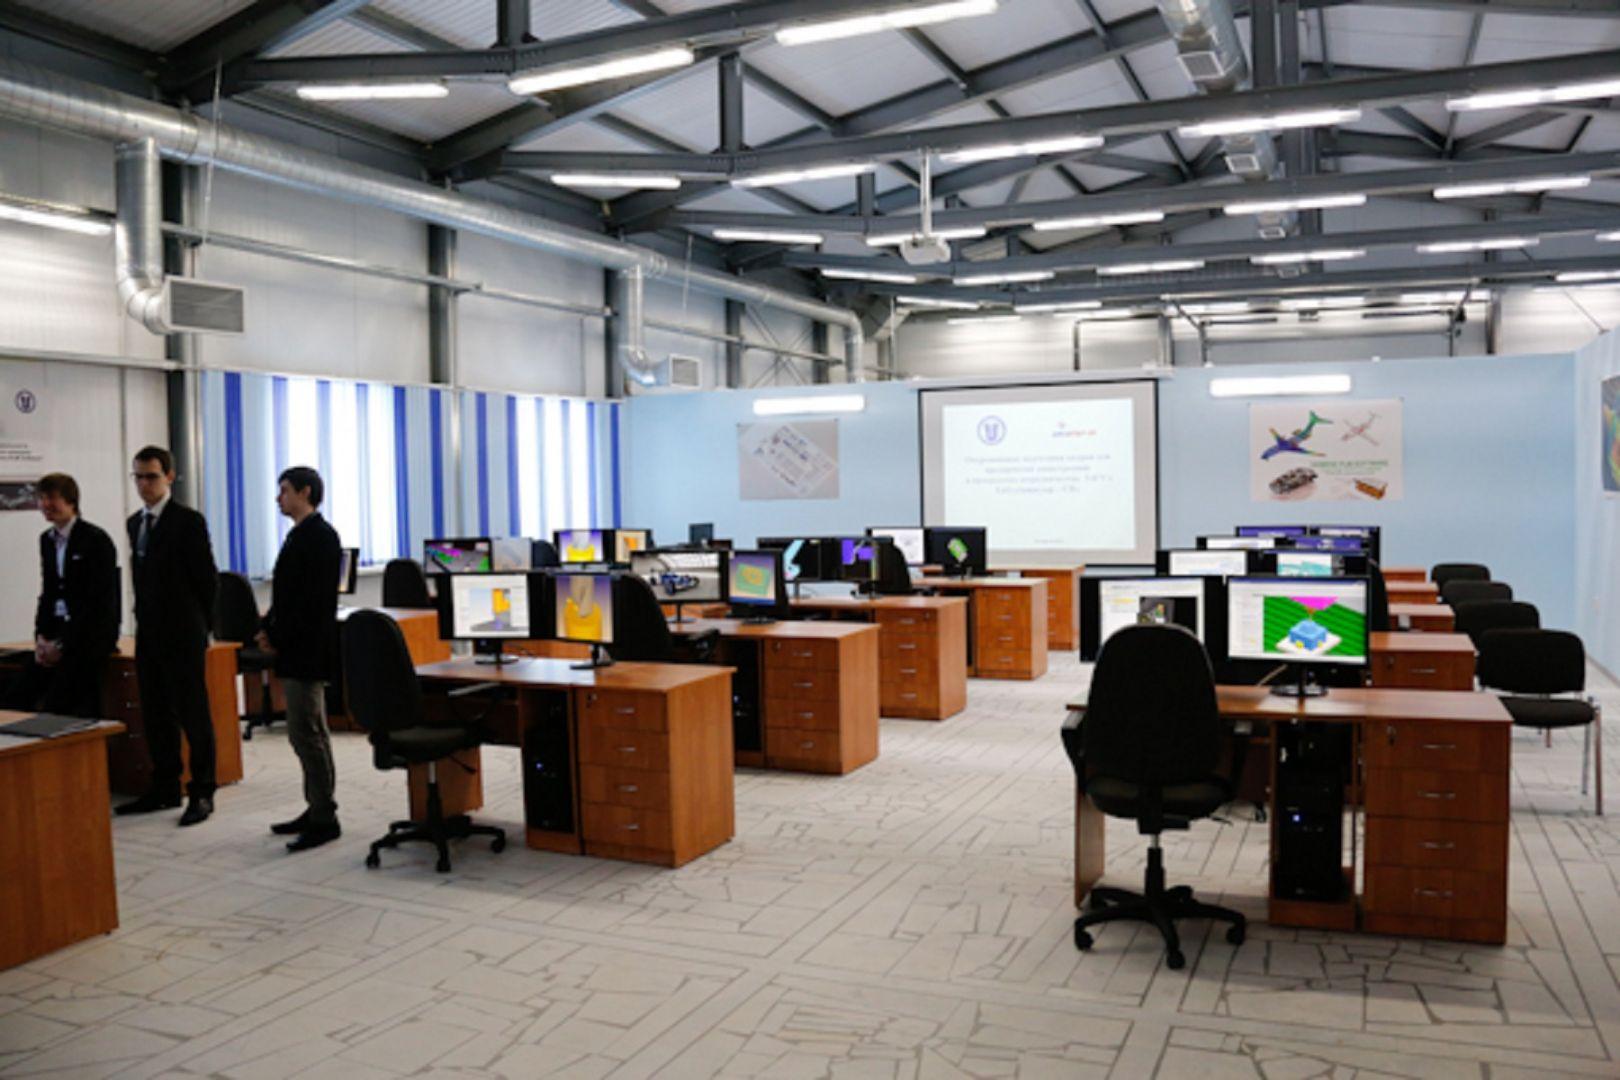 В2016-м году наСтаврополье откроют два центра инновации для молодежи